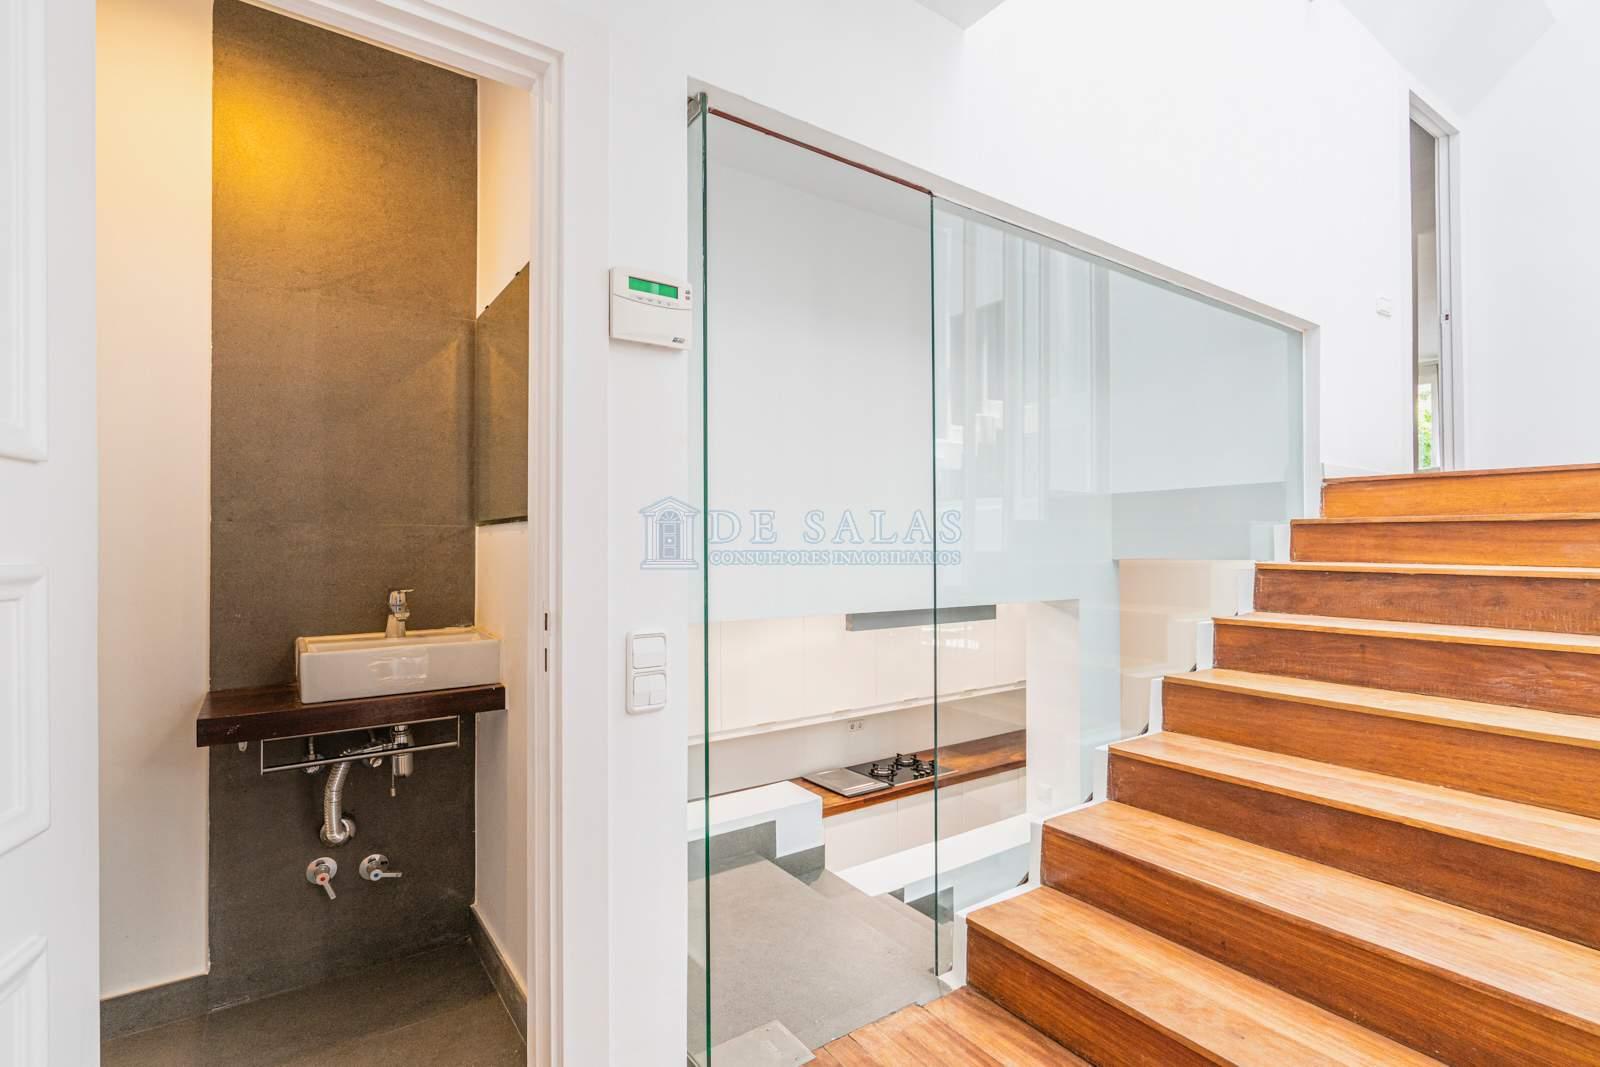 Escalera-15 Maison La Moraleja